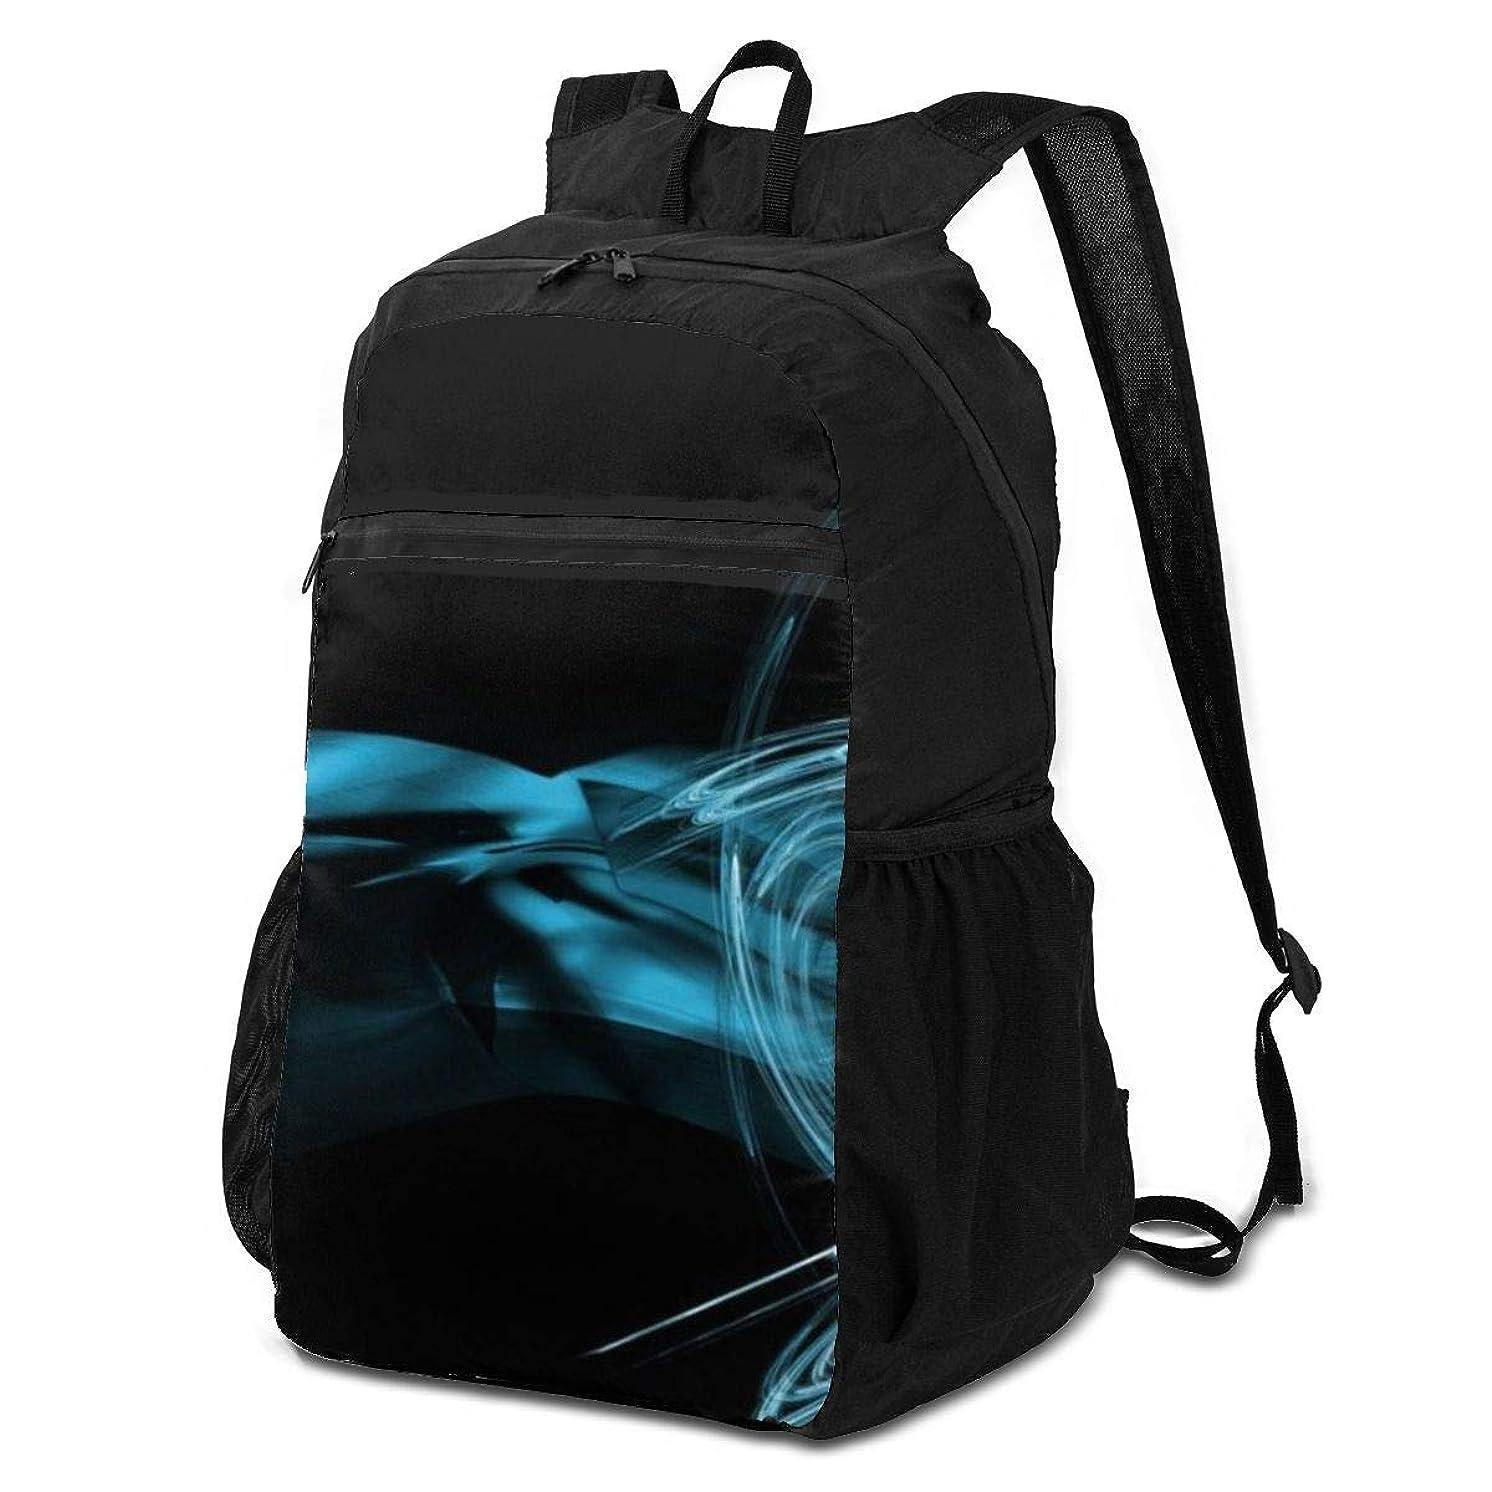 医療過誤ペンダントノート登山リュック ザック 概要 バックパック 軽量 防水 通勤 小型旅行 折りたたみ式キャンプ アウトドアバッグ